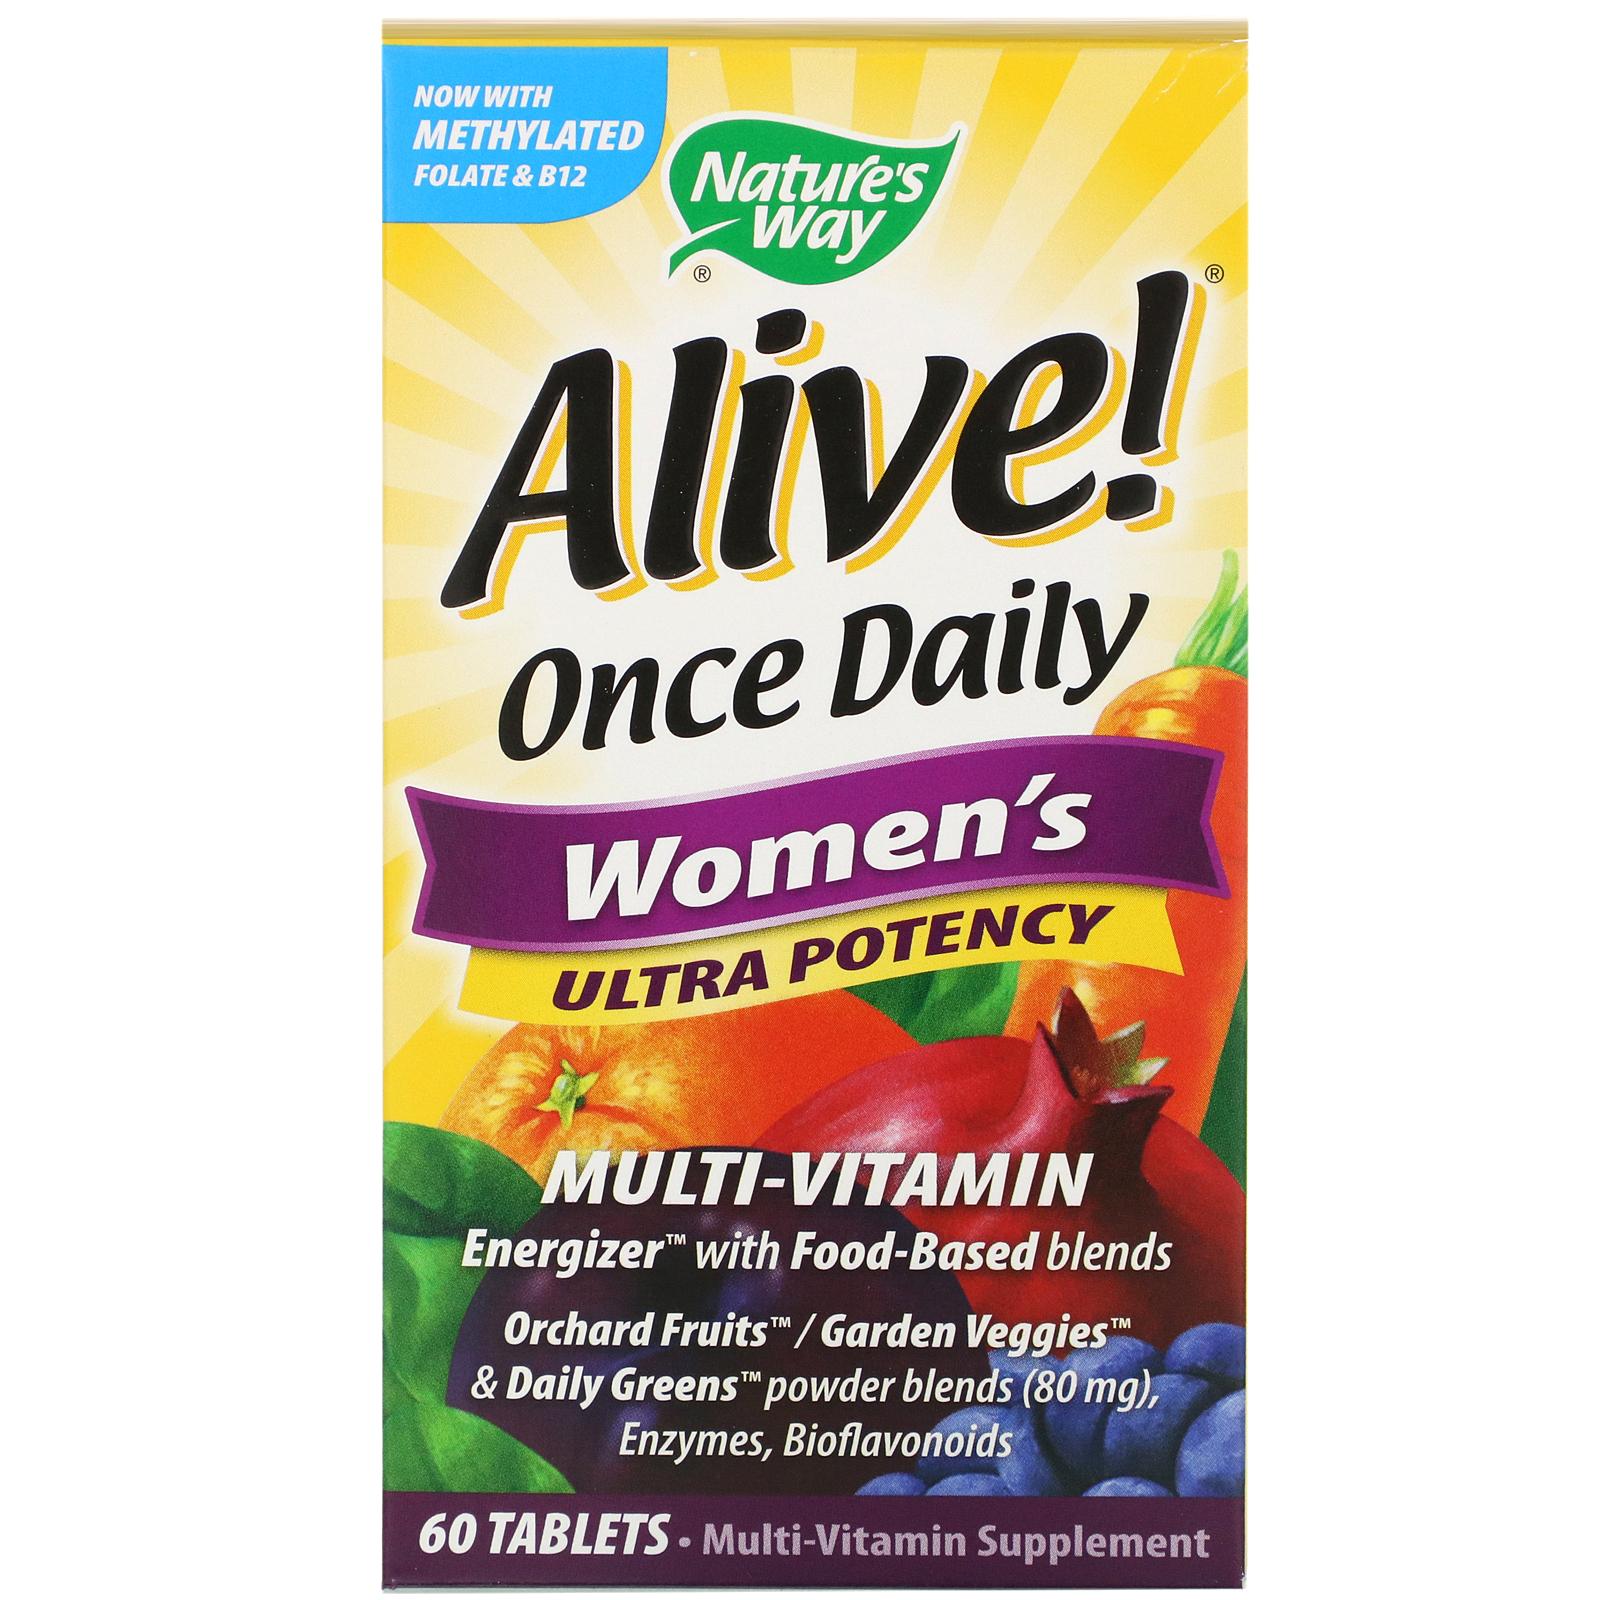 ملتي فيتامين للنساء هل حبوب ملتي فيتامين تزيد الوزن فيتامينات للمرأة بعد الثلاثين أفضل انواع الملتي فيتامين للنساء ملتي فيتامين للنساء الحوامل افضل فيتامين للجسم من الصيدلية للنساء ملتي فيتامين للشعر طريقة استخدام ملتي فيتامين ارخص ملتي فيتامين